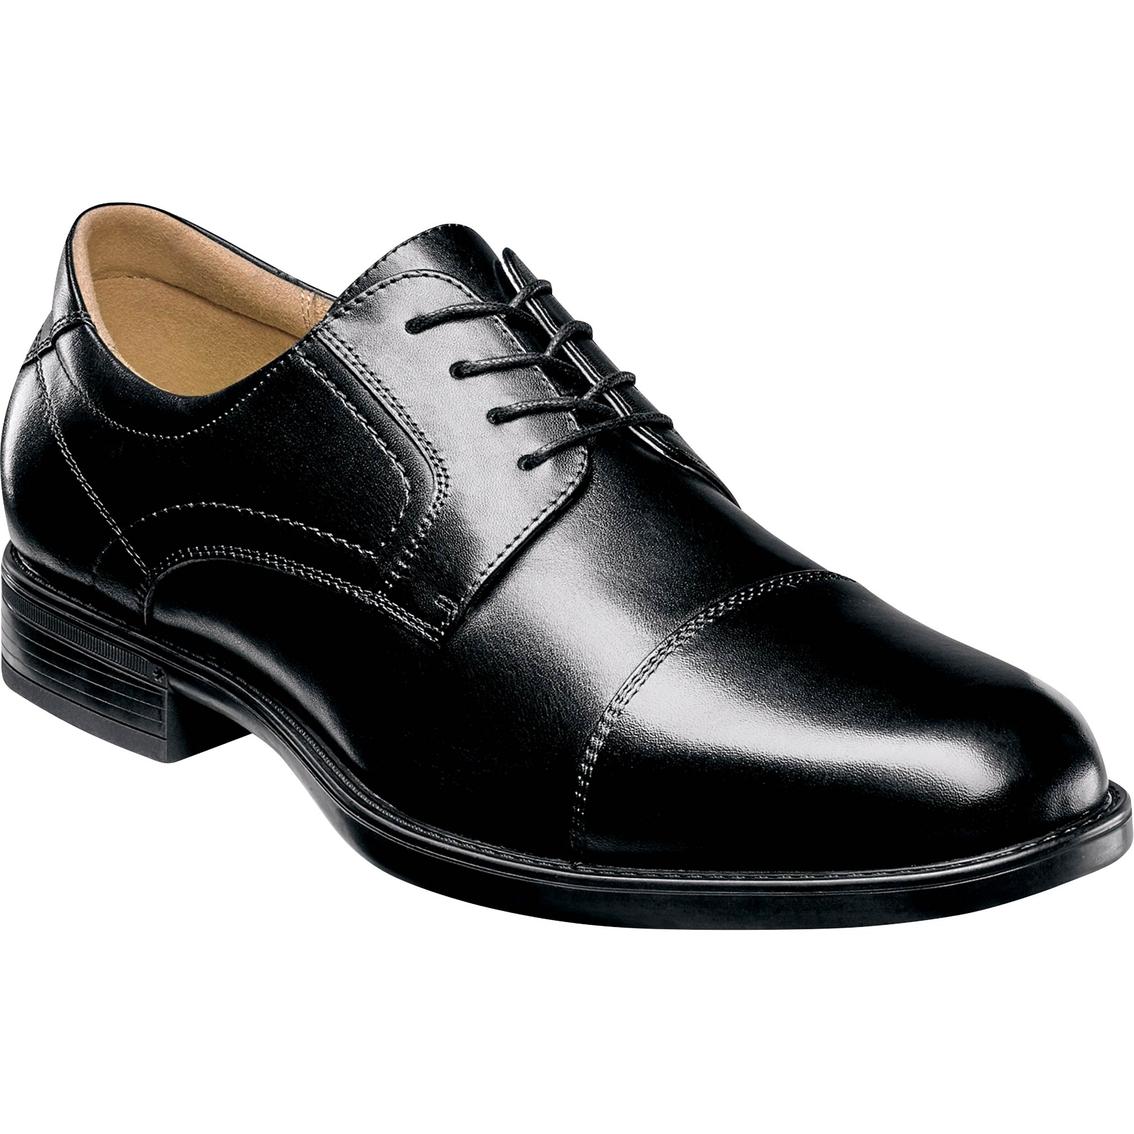 d59841e4e6e Florsheim Midtown Cap Toe Oxford Shoes | Dress | Shoes | Shop The ...